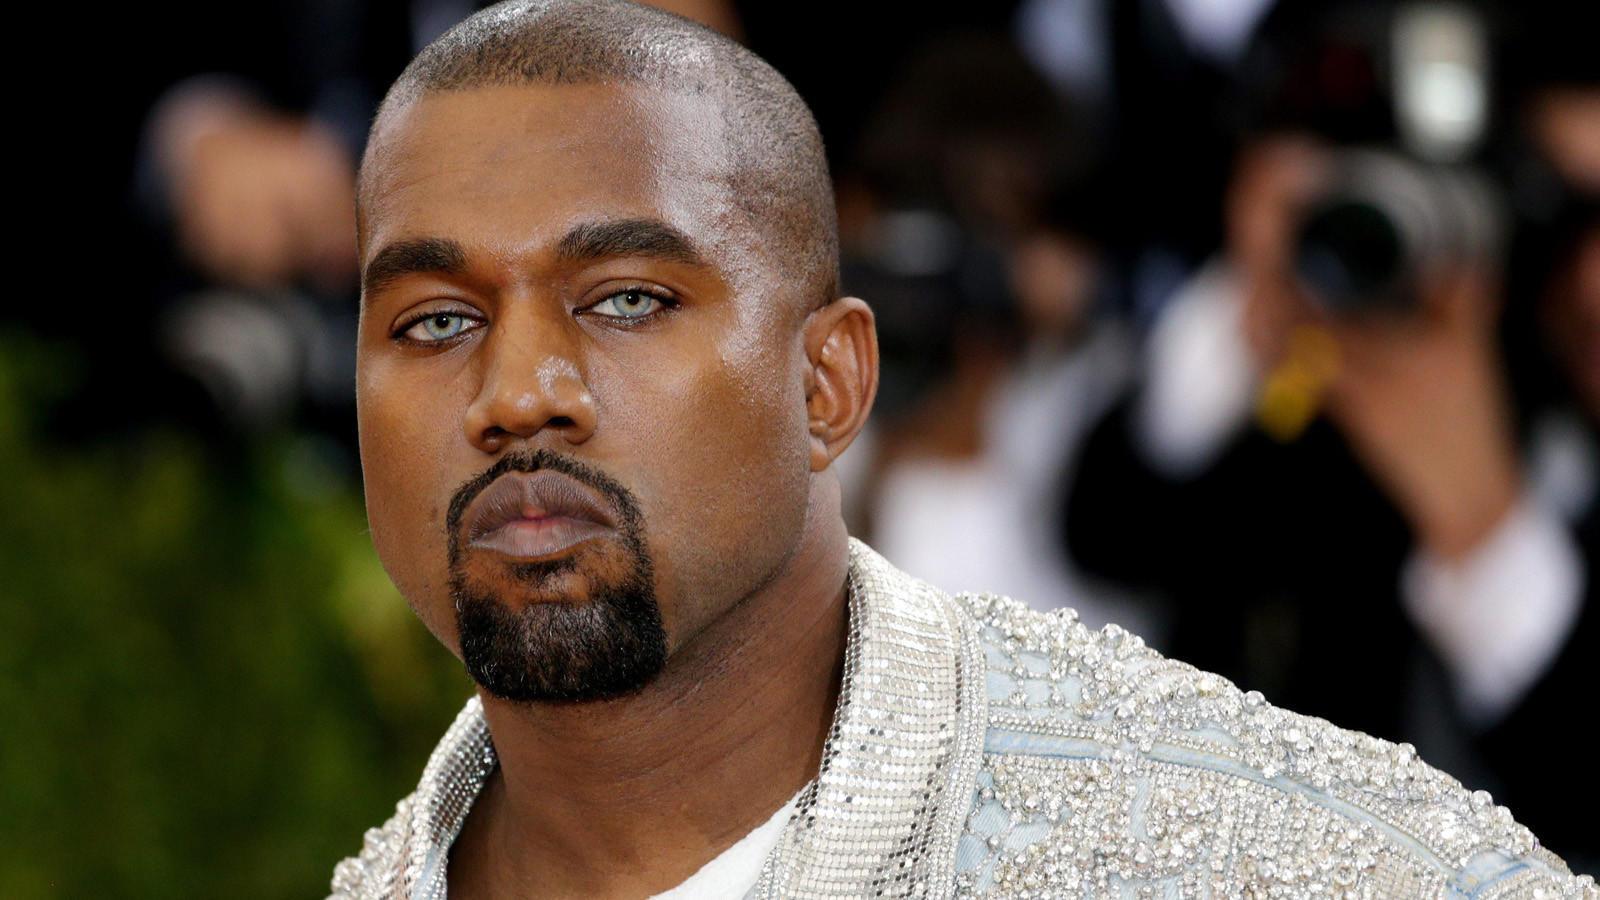 Kanye West at the 2016 Met Gala. (Justin Lane / EPA)